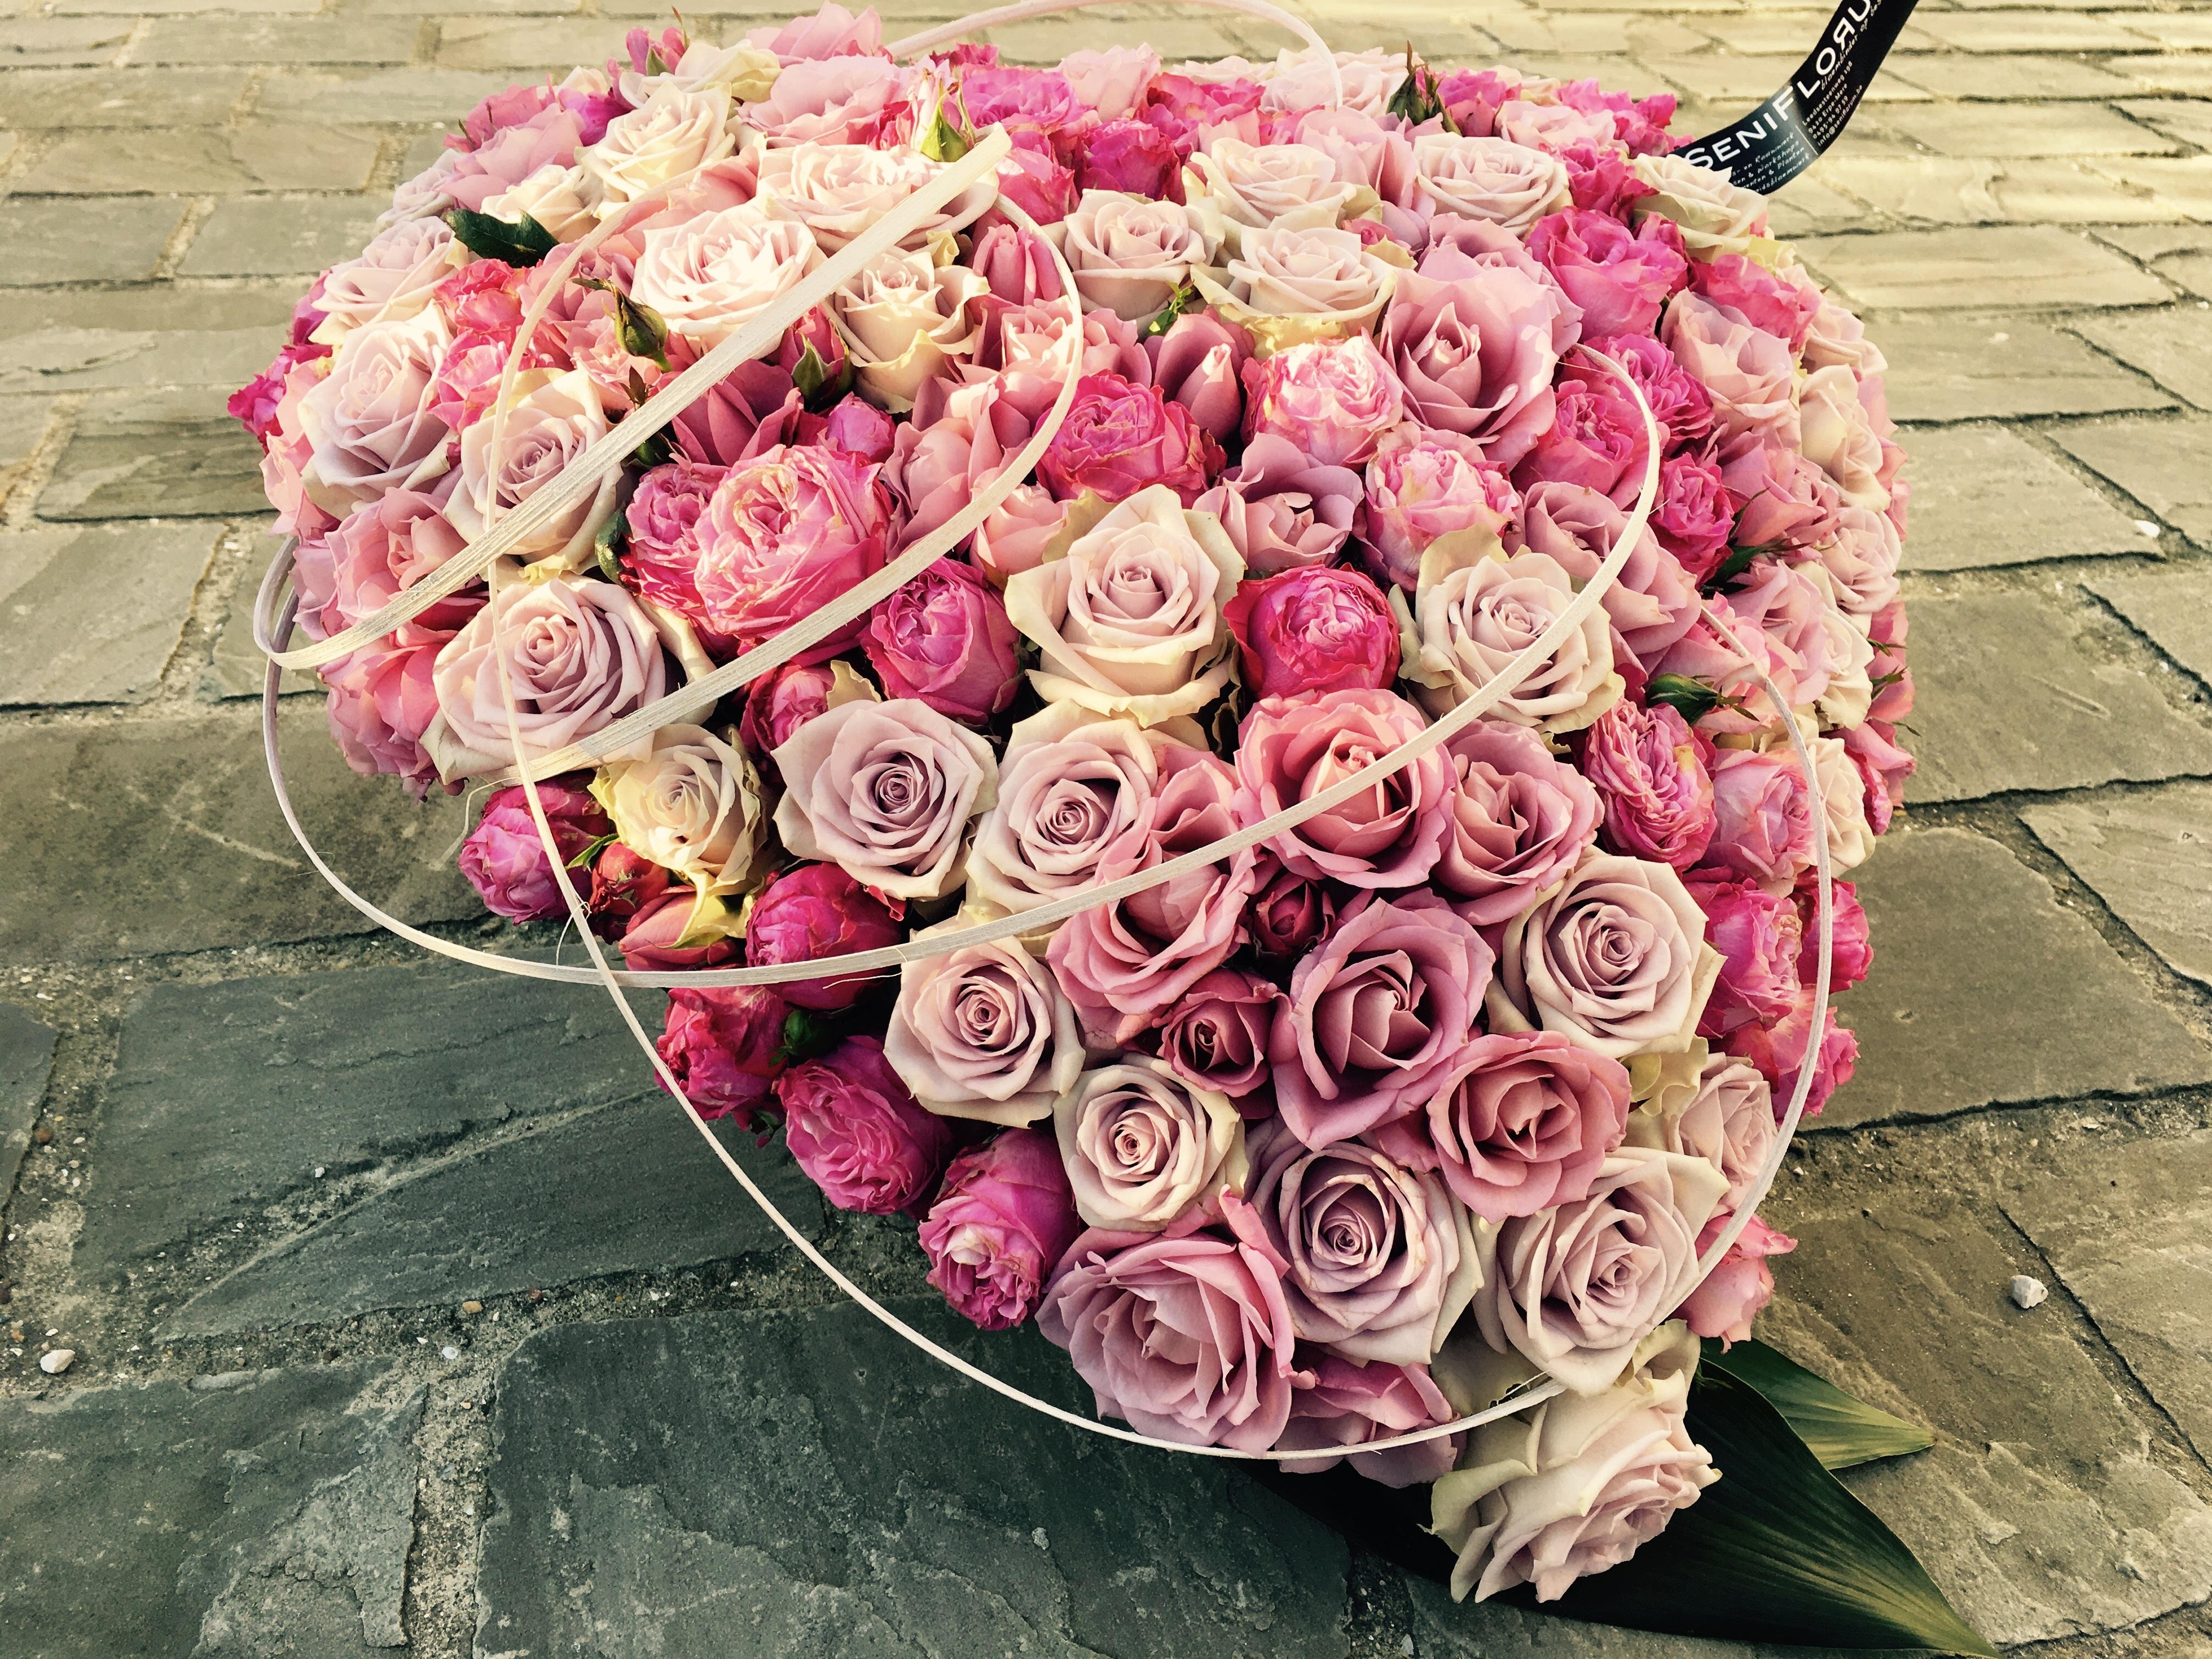 images gratuites : fleur, pétale, rose, flore, forme de coeur